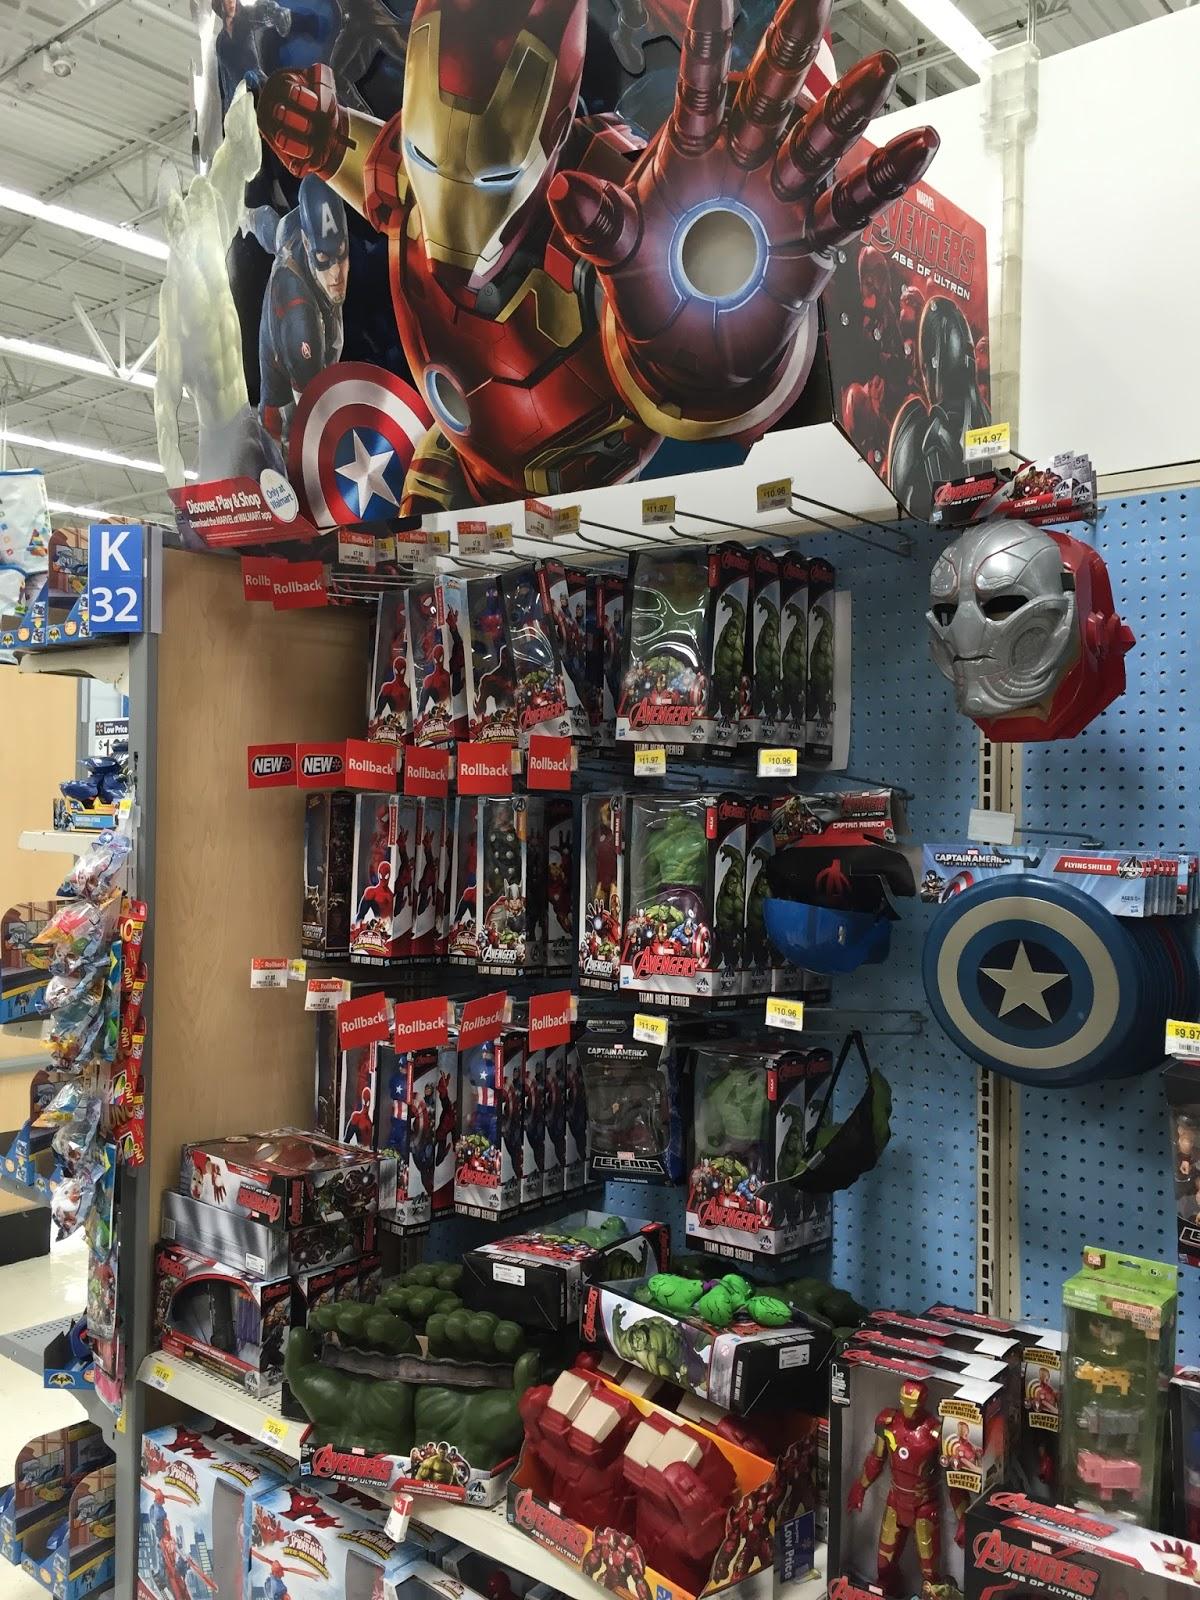 Walmart Toys For Boys Avengers : Girls love marvel too superheroes aren t just for boys